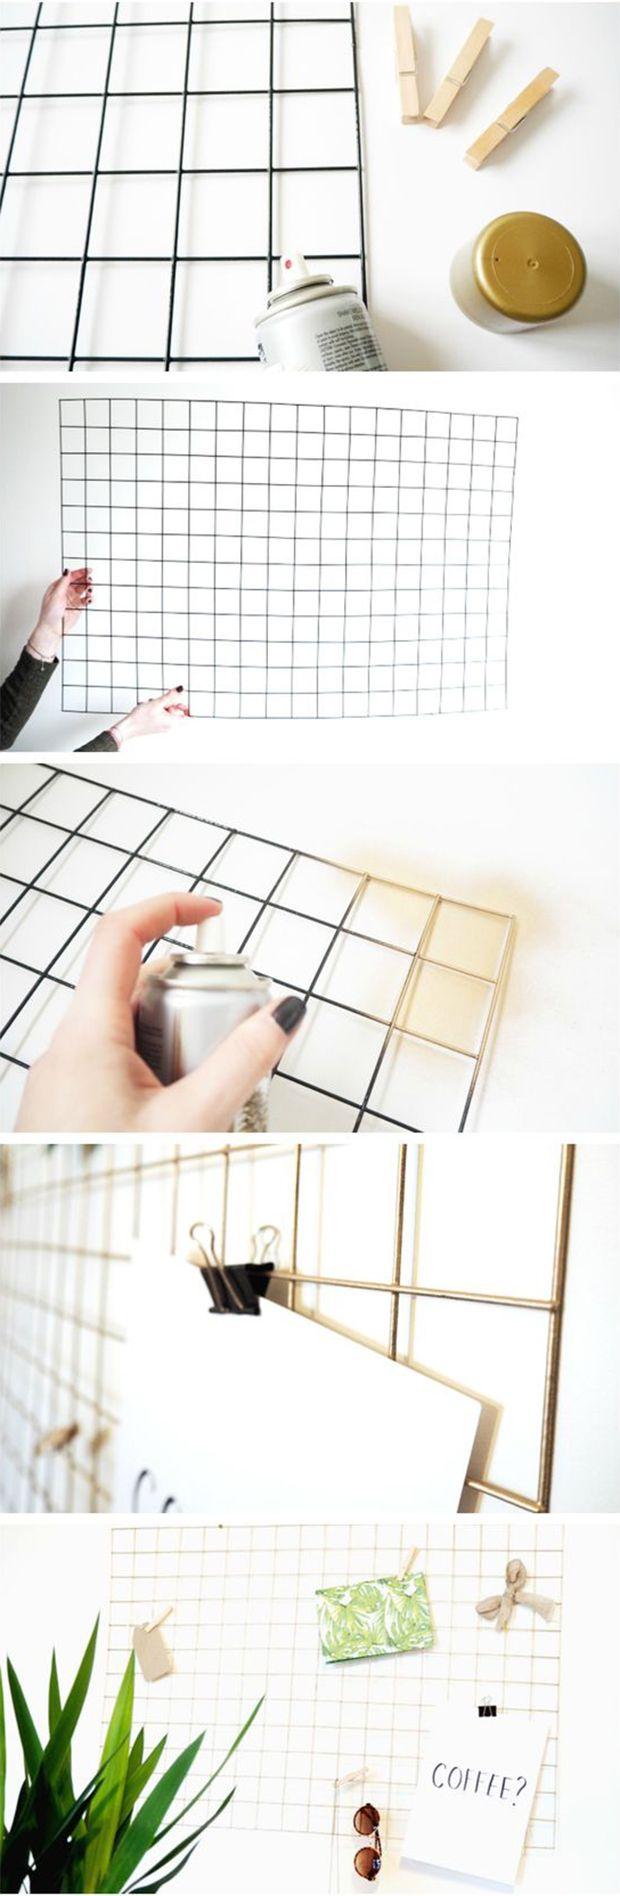 Tela aramada: o material virou tendência quando falamos em decoração e organização. Com custo baixo, dá para usá-lo em vários ambientes da casa. Inspire-se!